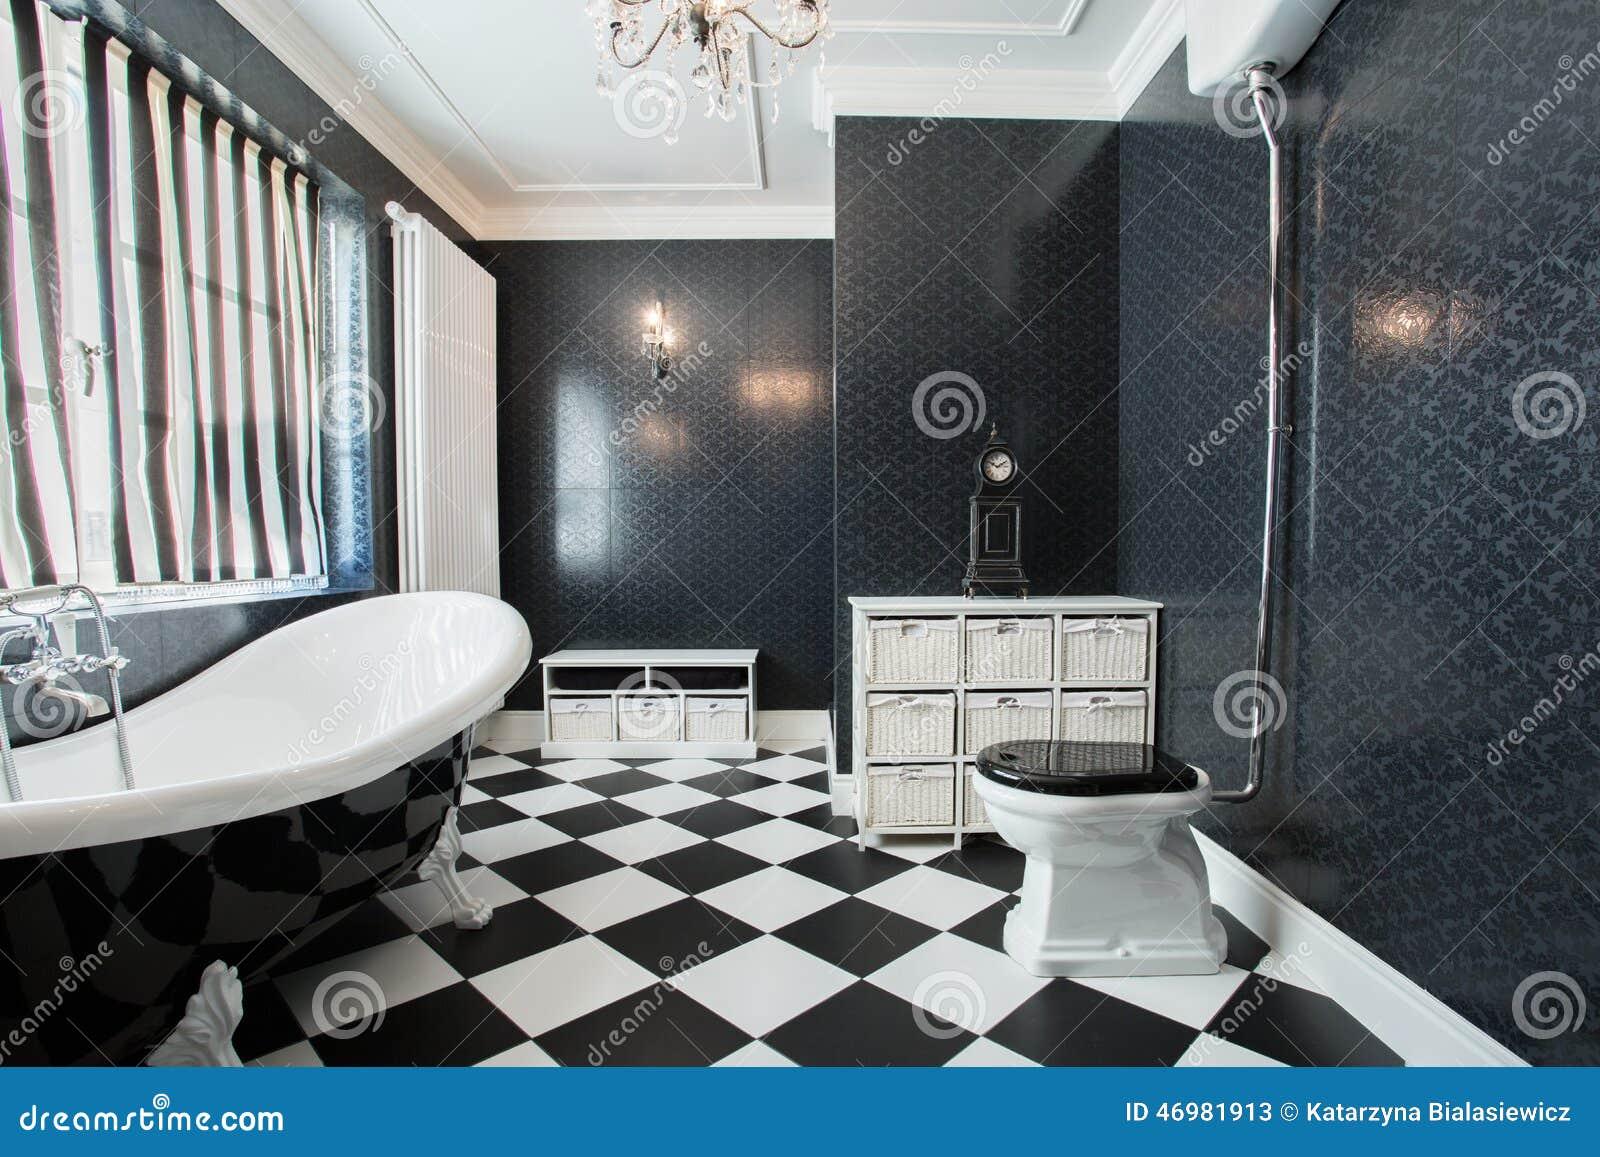 Bagno bianco e nero immagine stock immagine di nuovo 46981913 - Bagno bianco nero ...